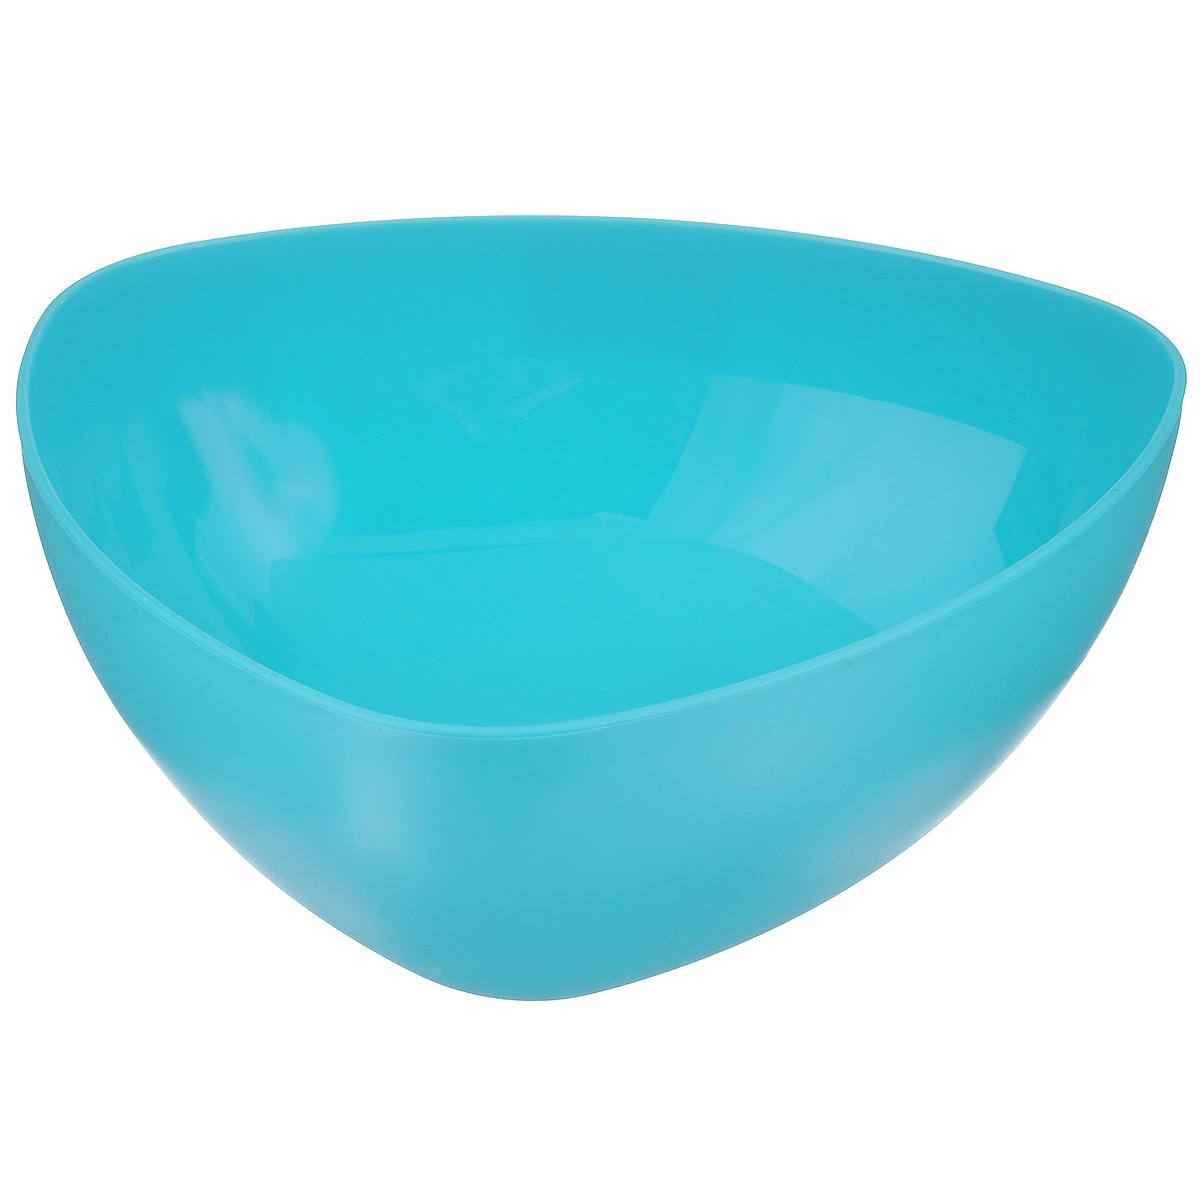 Салатник Ucsan, треугольный, цвет: бирюзовый, 3 лM-747 бирюзовыйТреугольный салатник Ucsan изготовлен из полипропилена и идеально подходит для сервировки стола. Салатник Ucsan не только украсит ваш кухонный стол и подчеркнет прекрасный вкус хозяйки, но и станет отличным подарком. Размер салатника (по верхнему краю): 25 см х 25 см. Высота: 10,5 см. Объем салатника: 3 л.